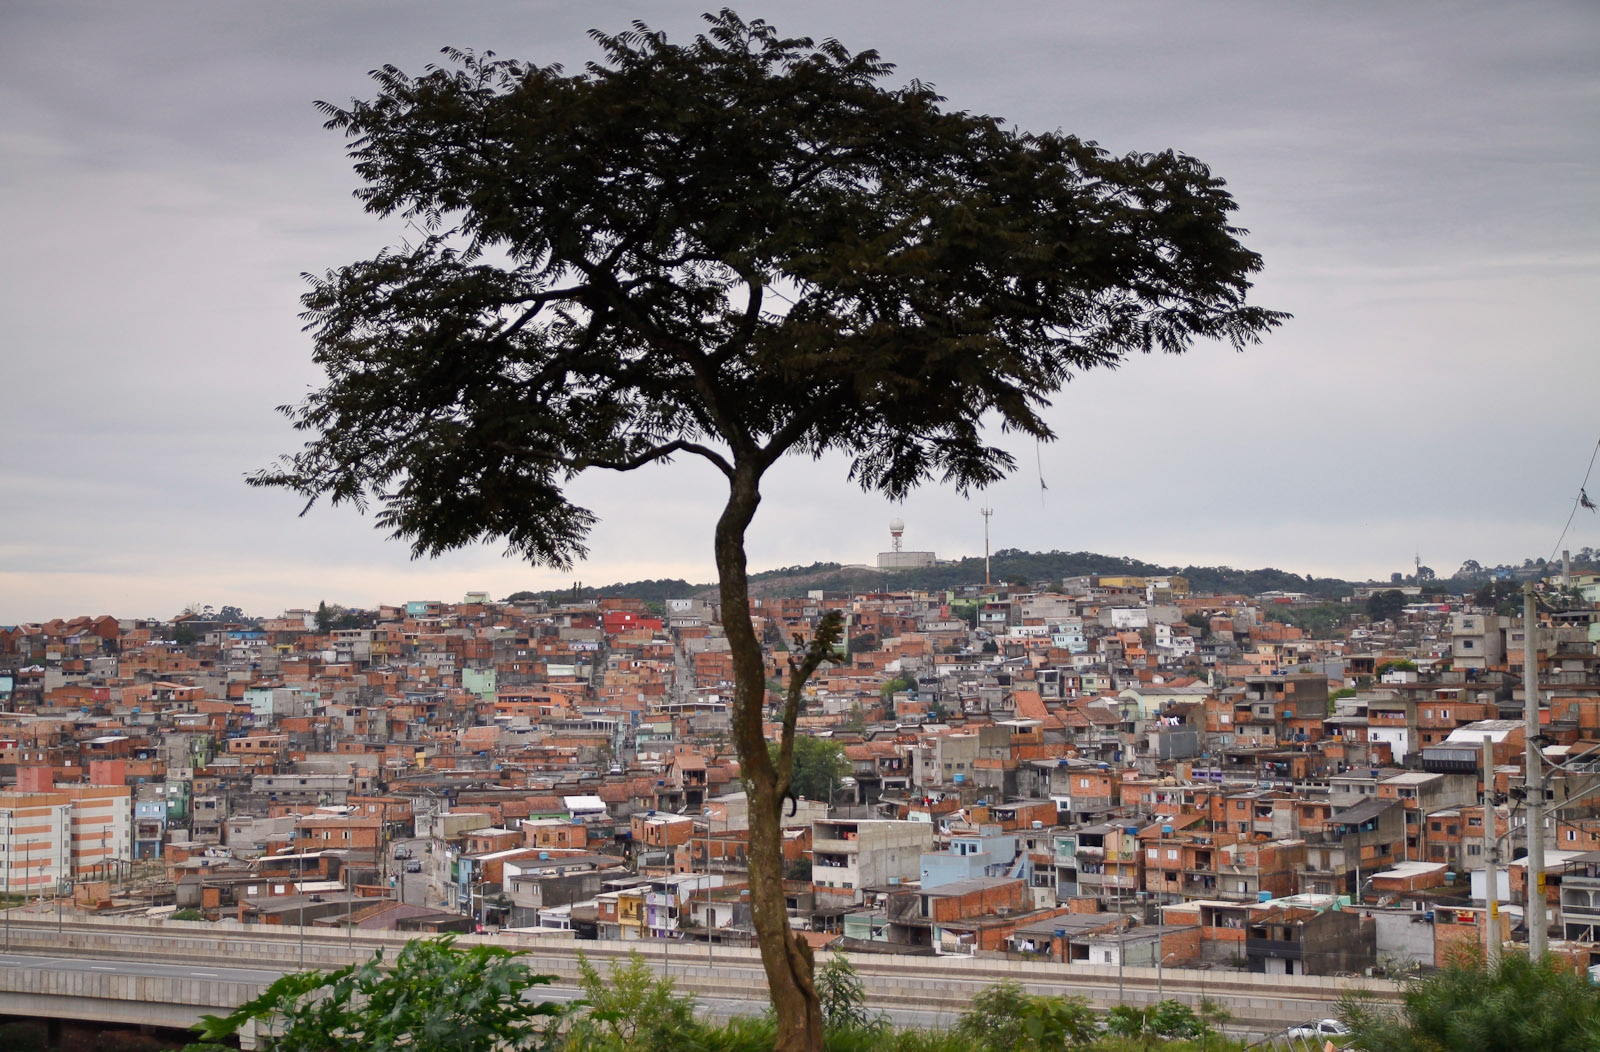 Periferia da cidade / Outskirts of the city